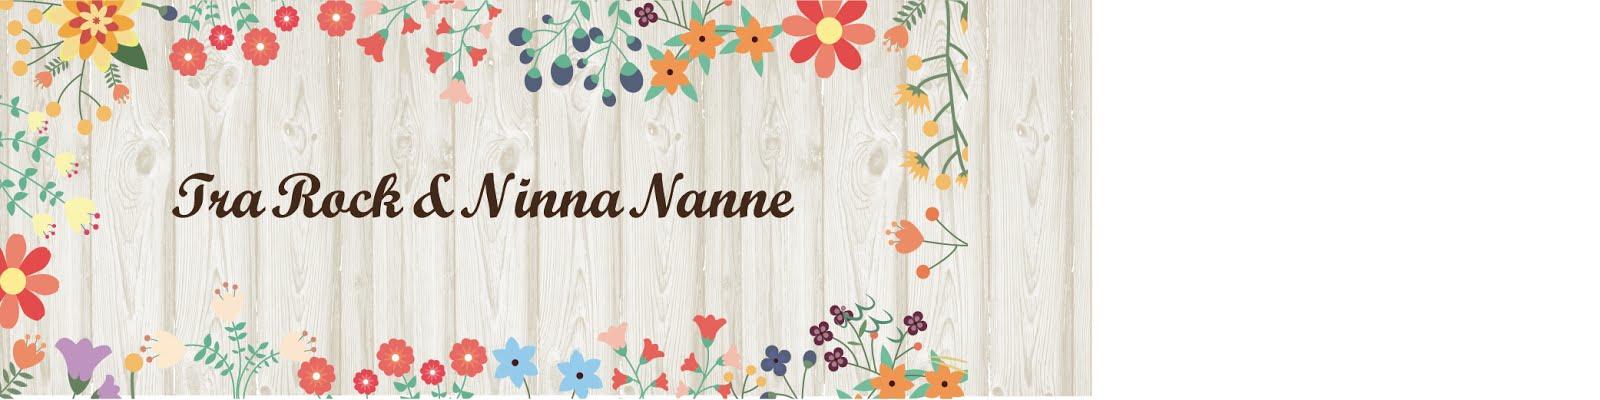 Tra Rock e Ninna Nanne - Trecca Anna